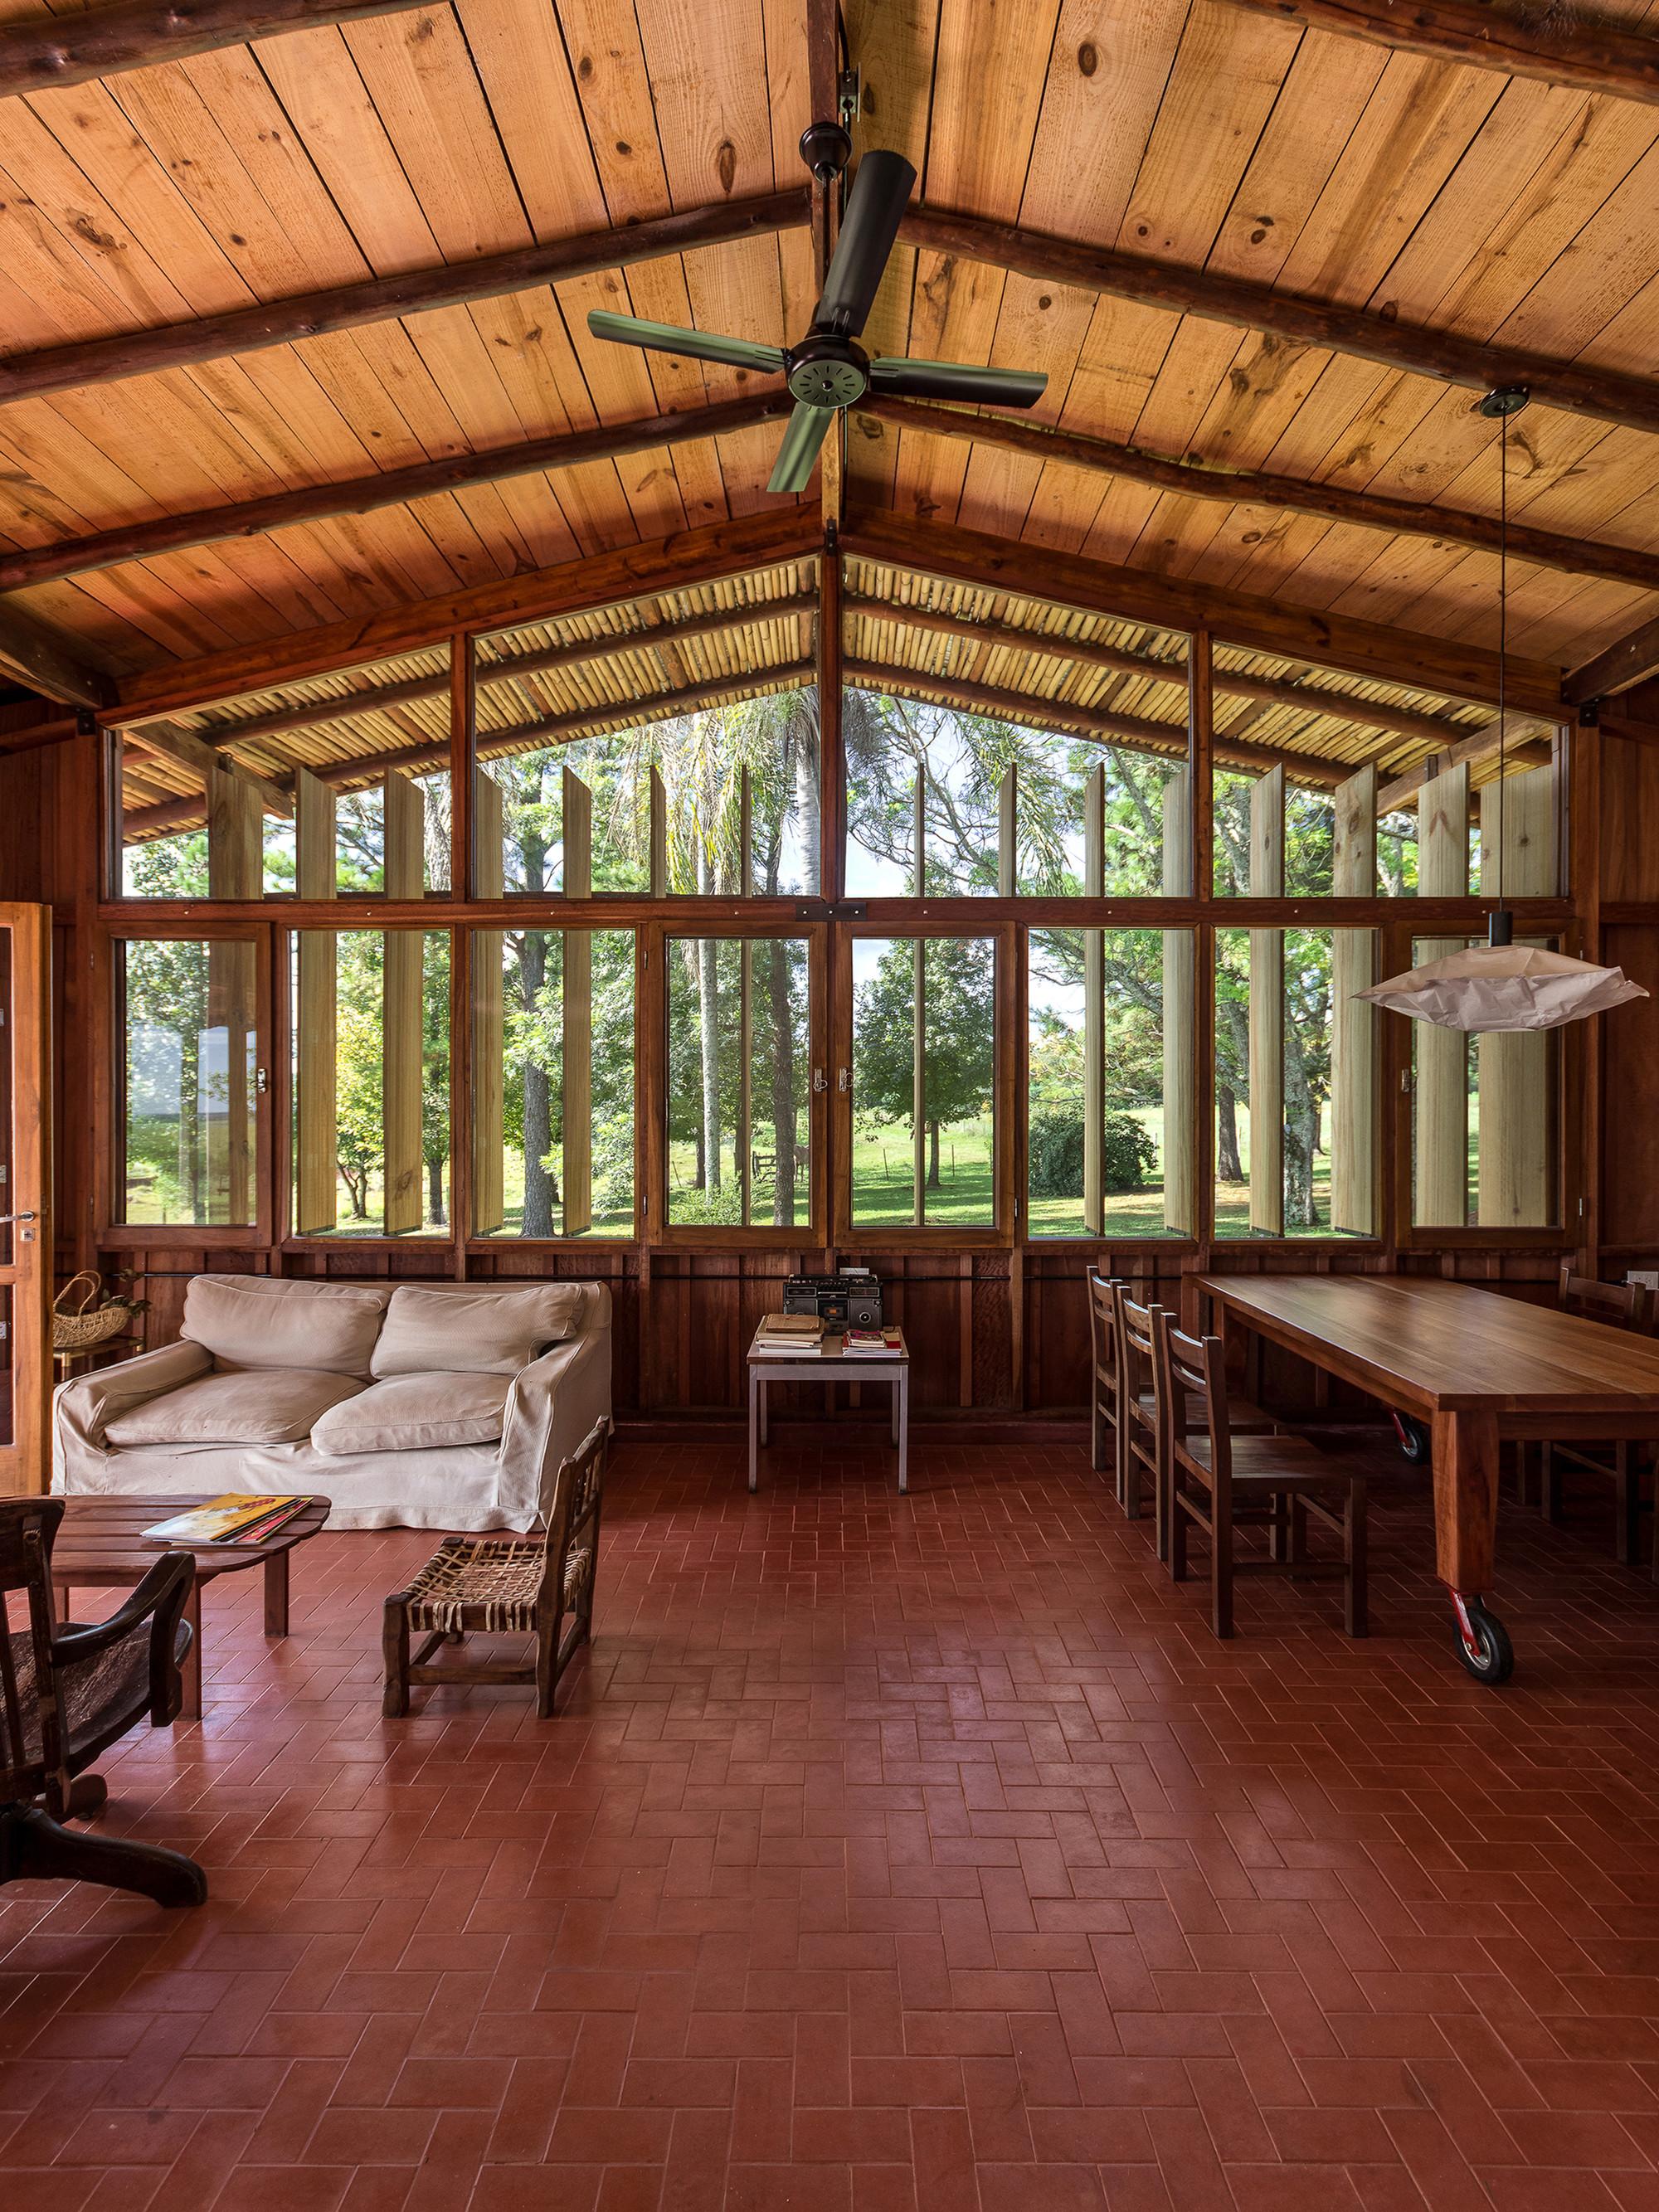 Casa la angela estudio cella plataforma arquitectura for Estudios de arquitectura la plata